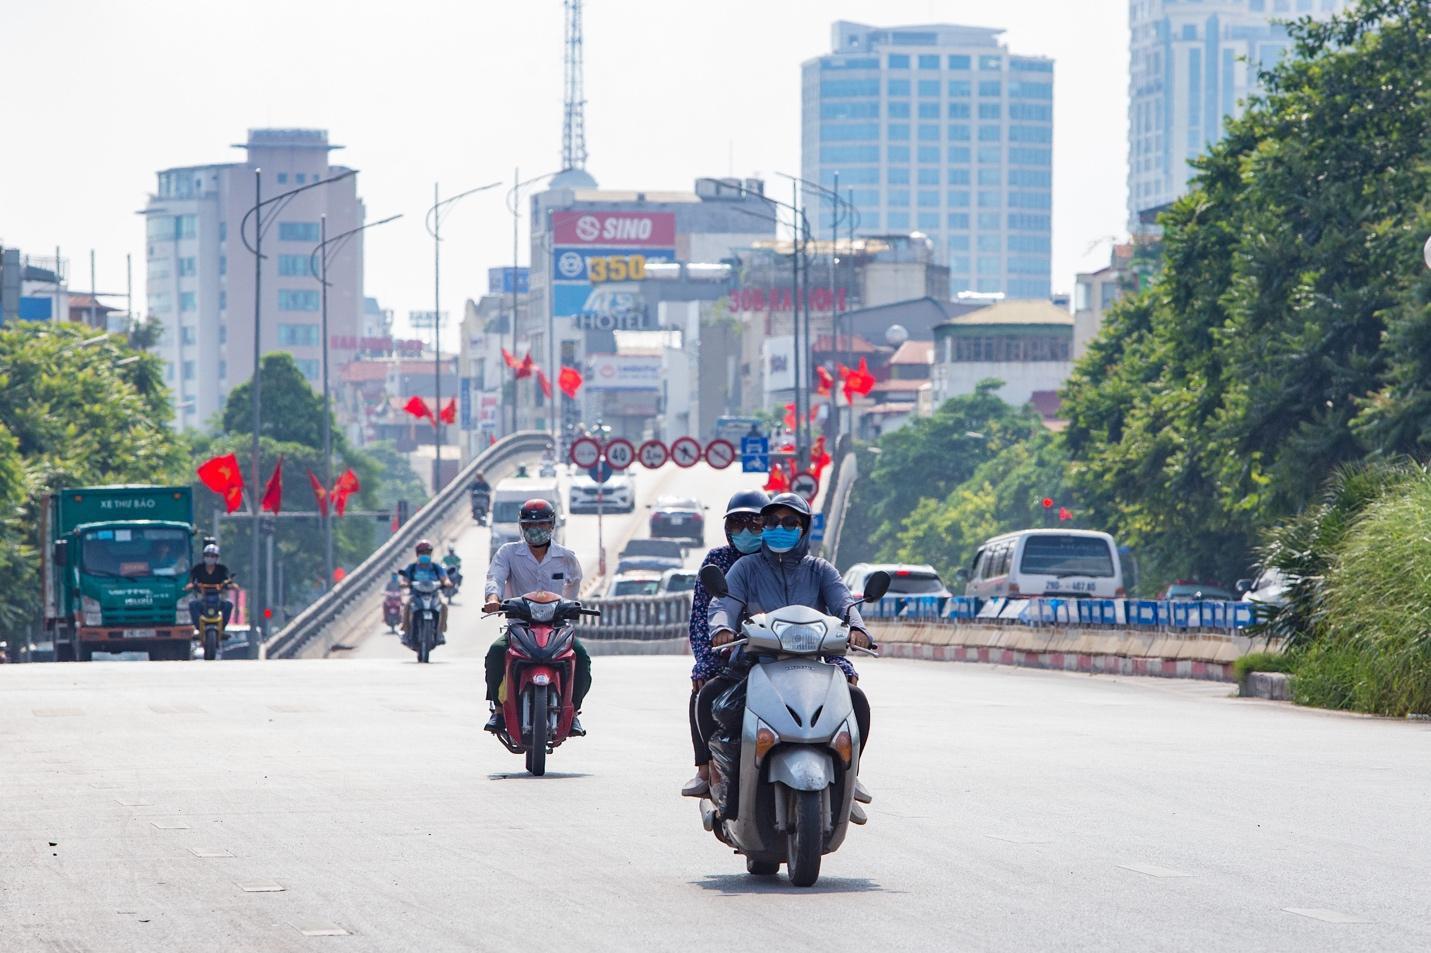 """Cận cảnh 5 tuyến đường được mệnh danh """"đắt nhất hành tinh"""" ở Hà Nội - 3"""